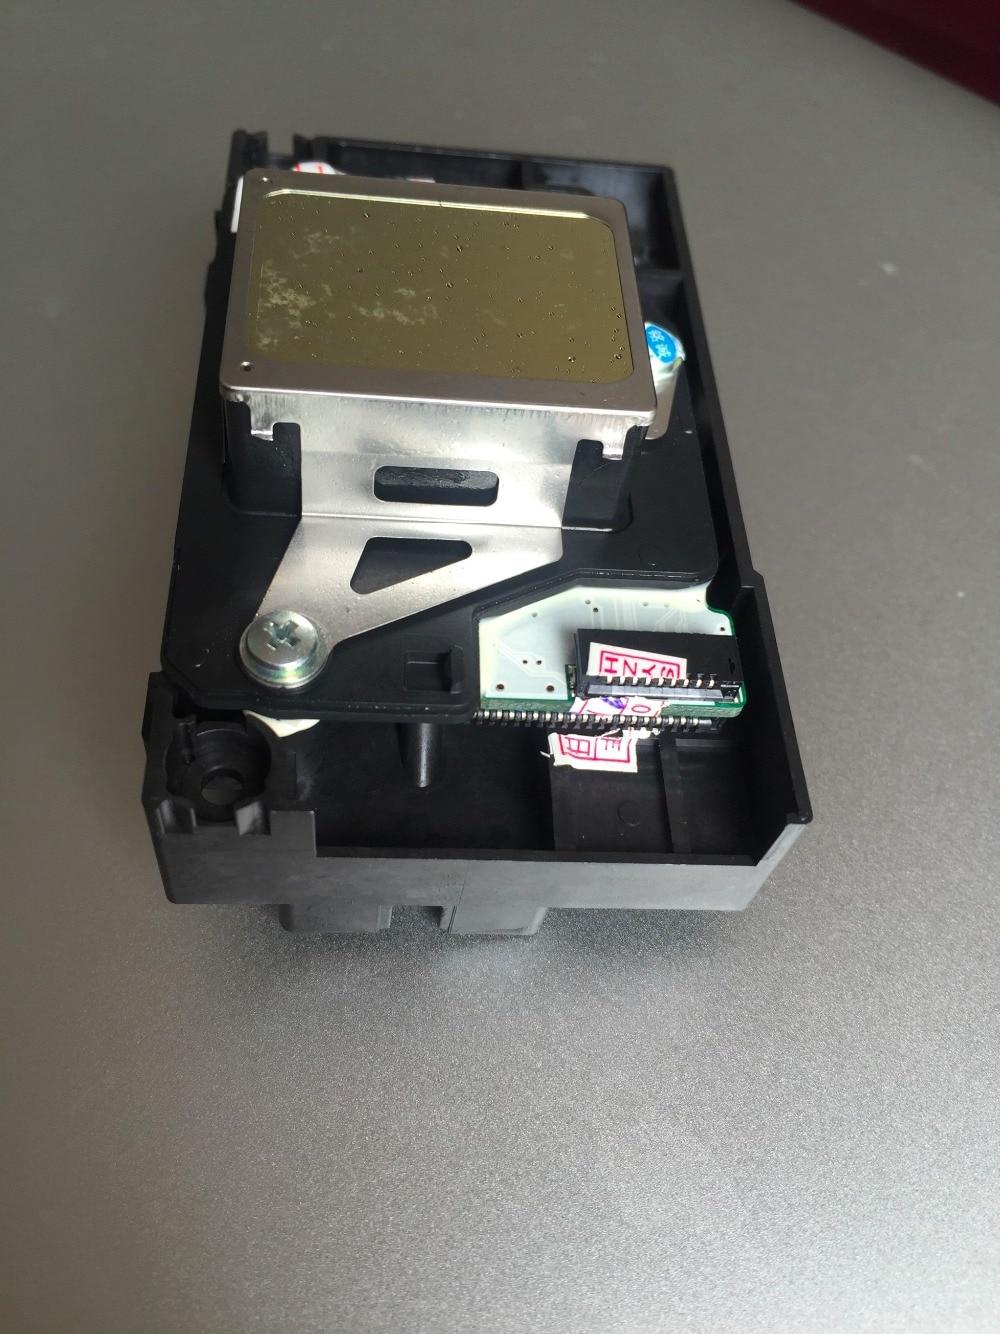 REFURBISHED Print Head FOR EPSON R270 R260 R265 R360 refurbished print head for epson r270 r260 r265 r360 printhead